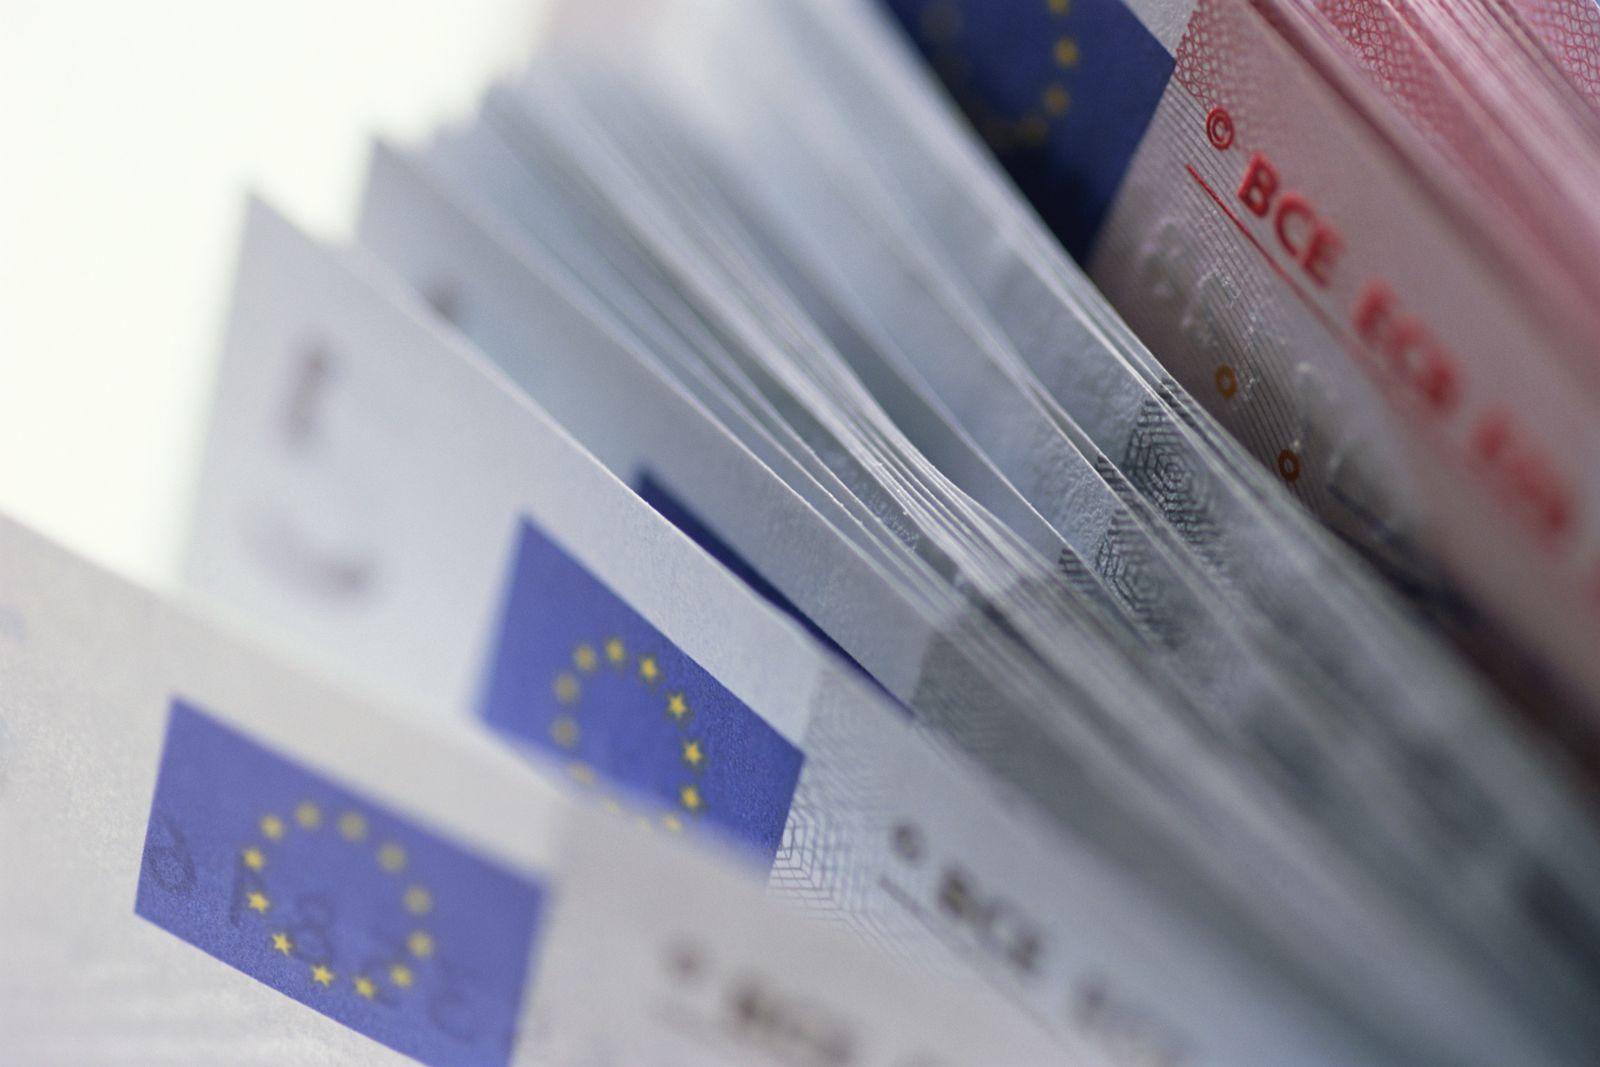 NICHT MEHR VERWENDEN! - Euro / Euroscheine / Geldscheine